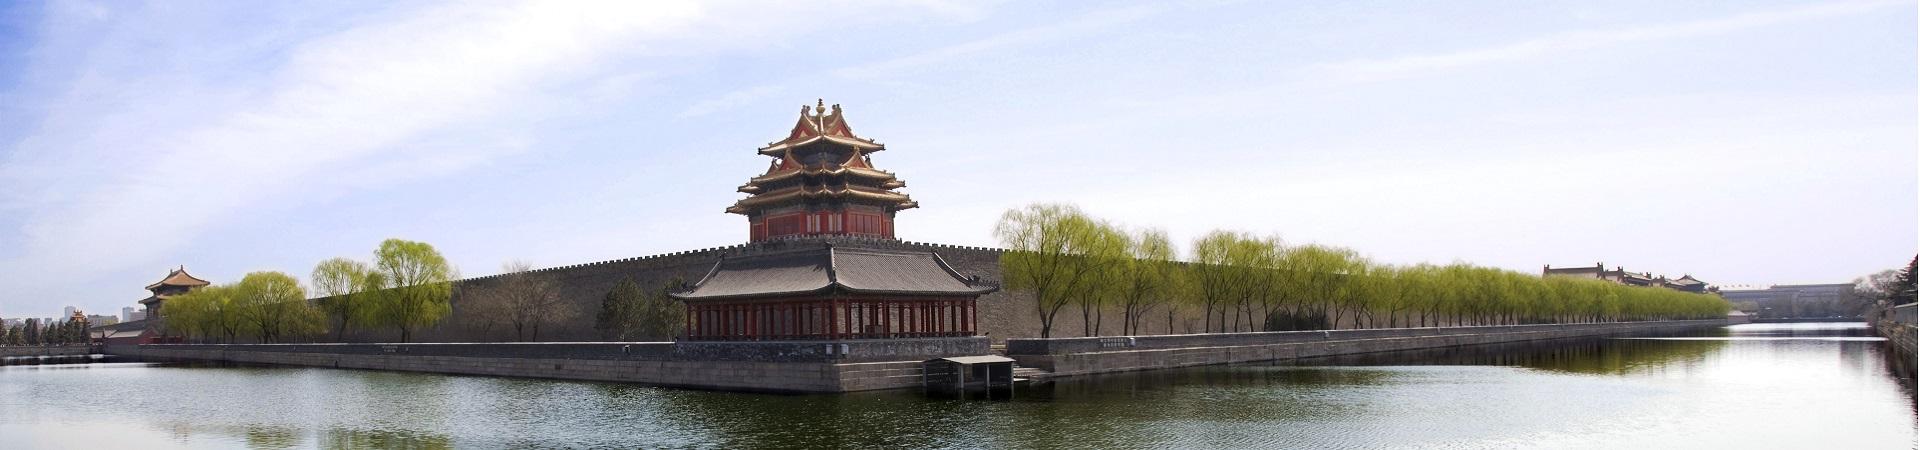 Beijing-2016-slider